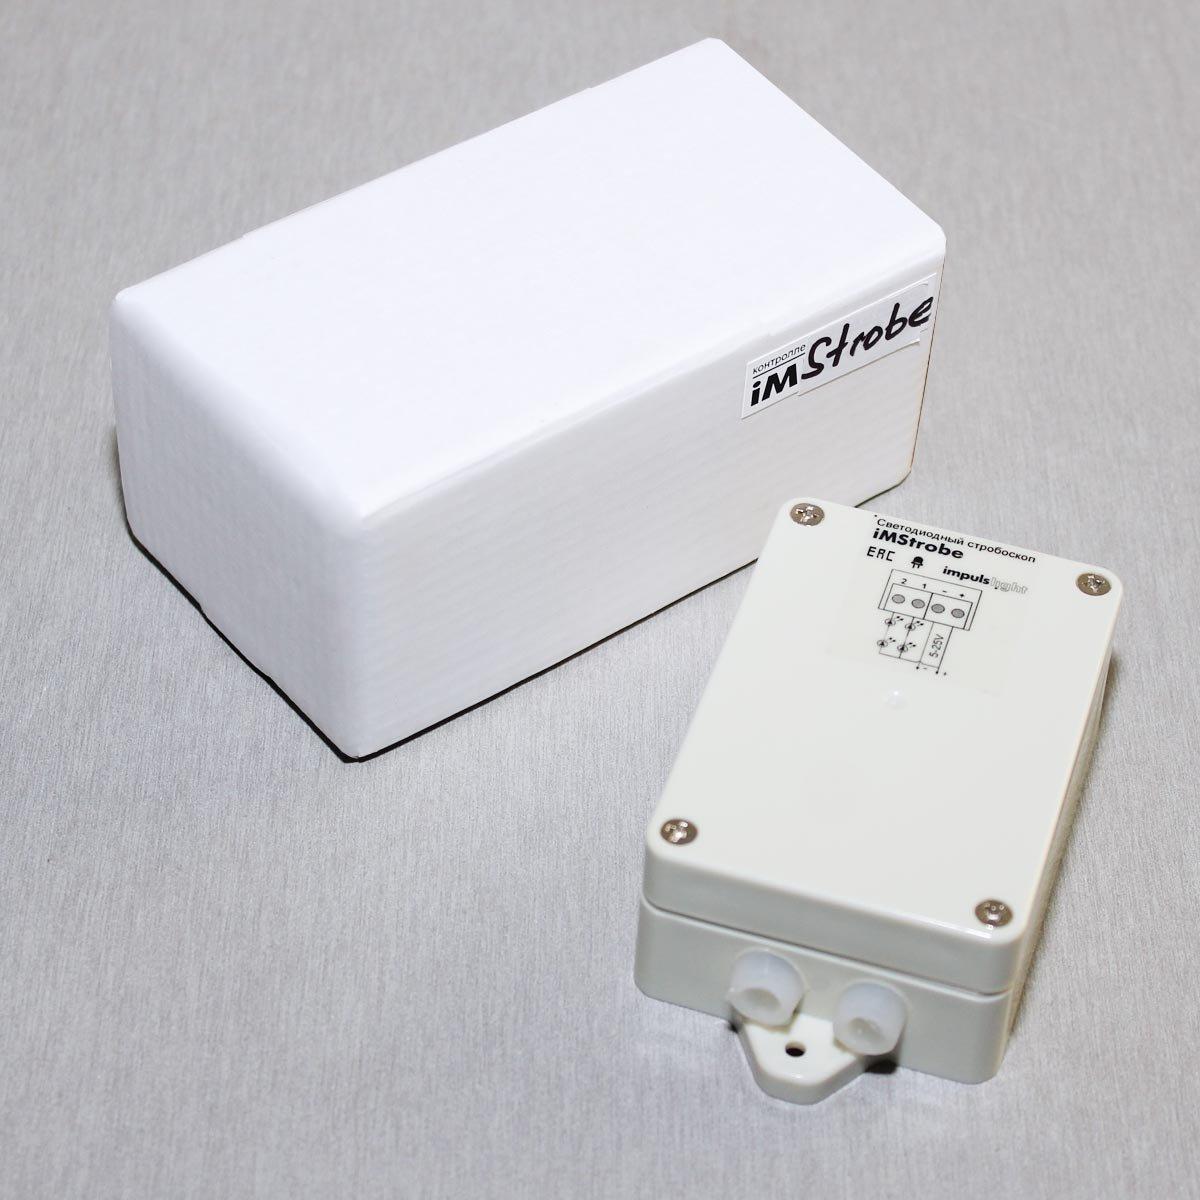 Стробоскоп iMStrobe (2кан, 15А/кан, U=5-25V, IP54)